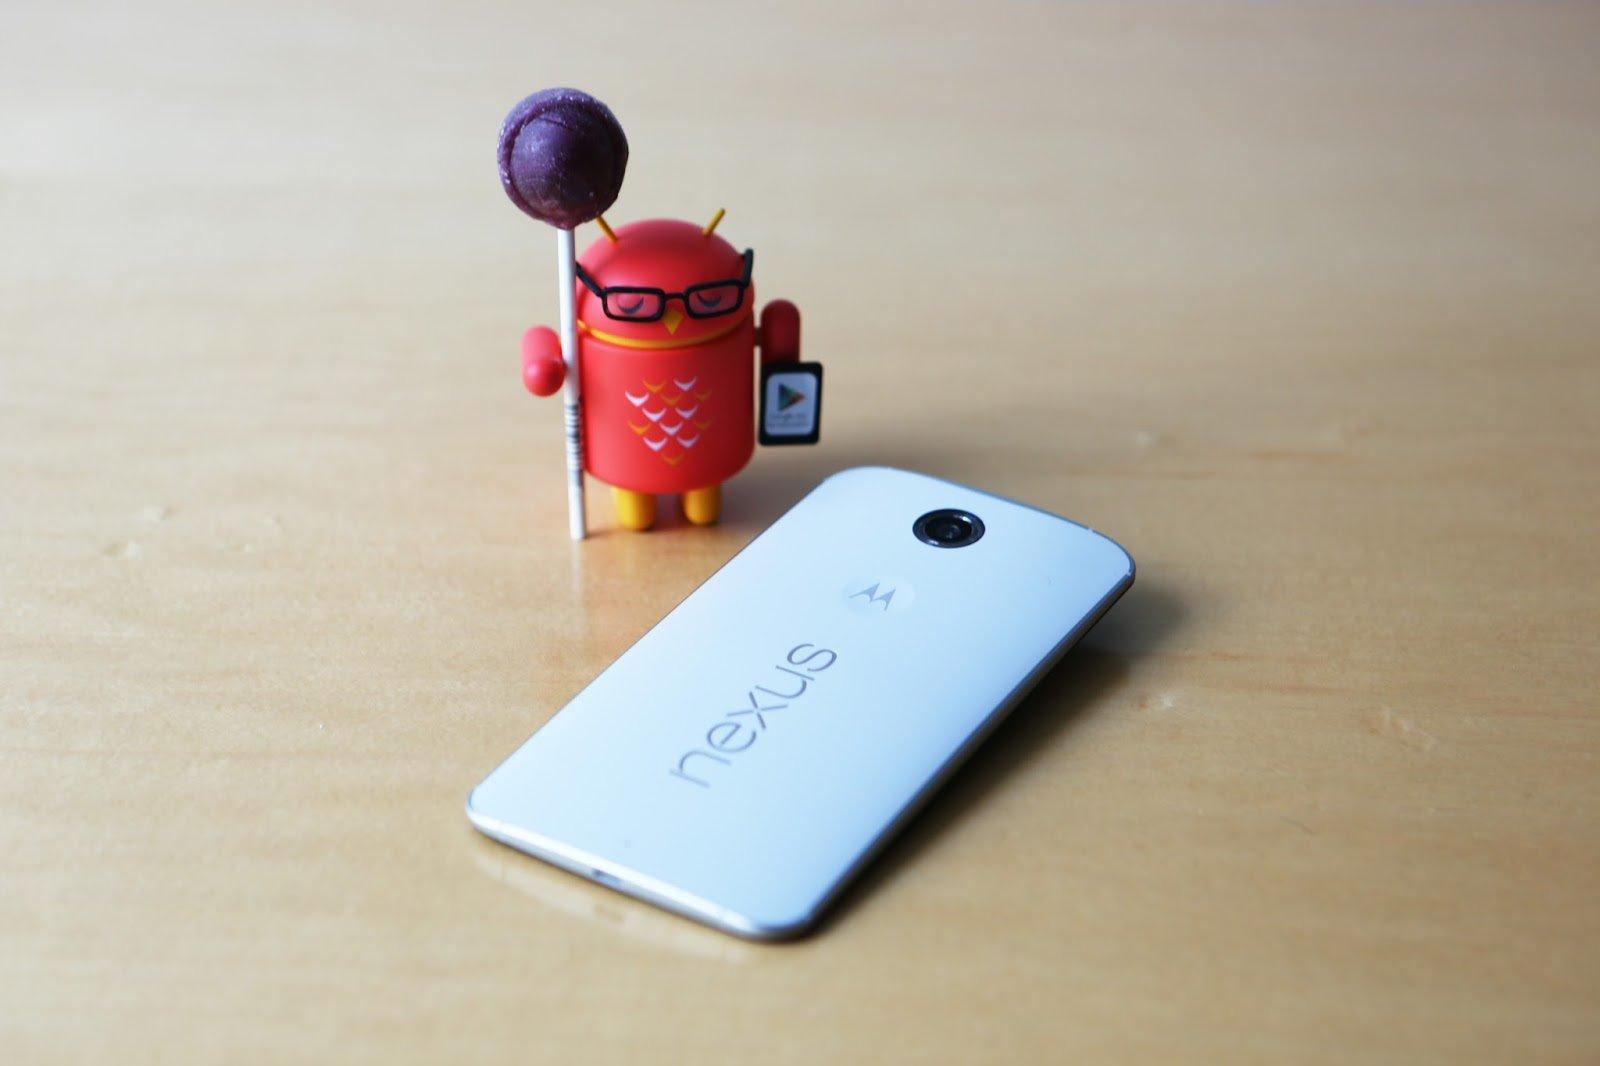 Starttiden för Nexus 6 förbeställning är inte bekräftad, men förvänta dig den klockan 10 eller 11.00 Pacific.